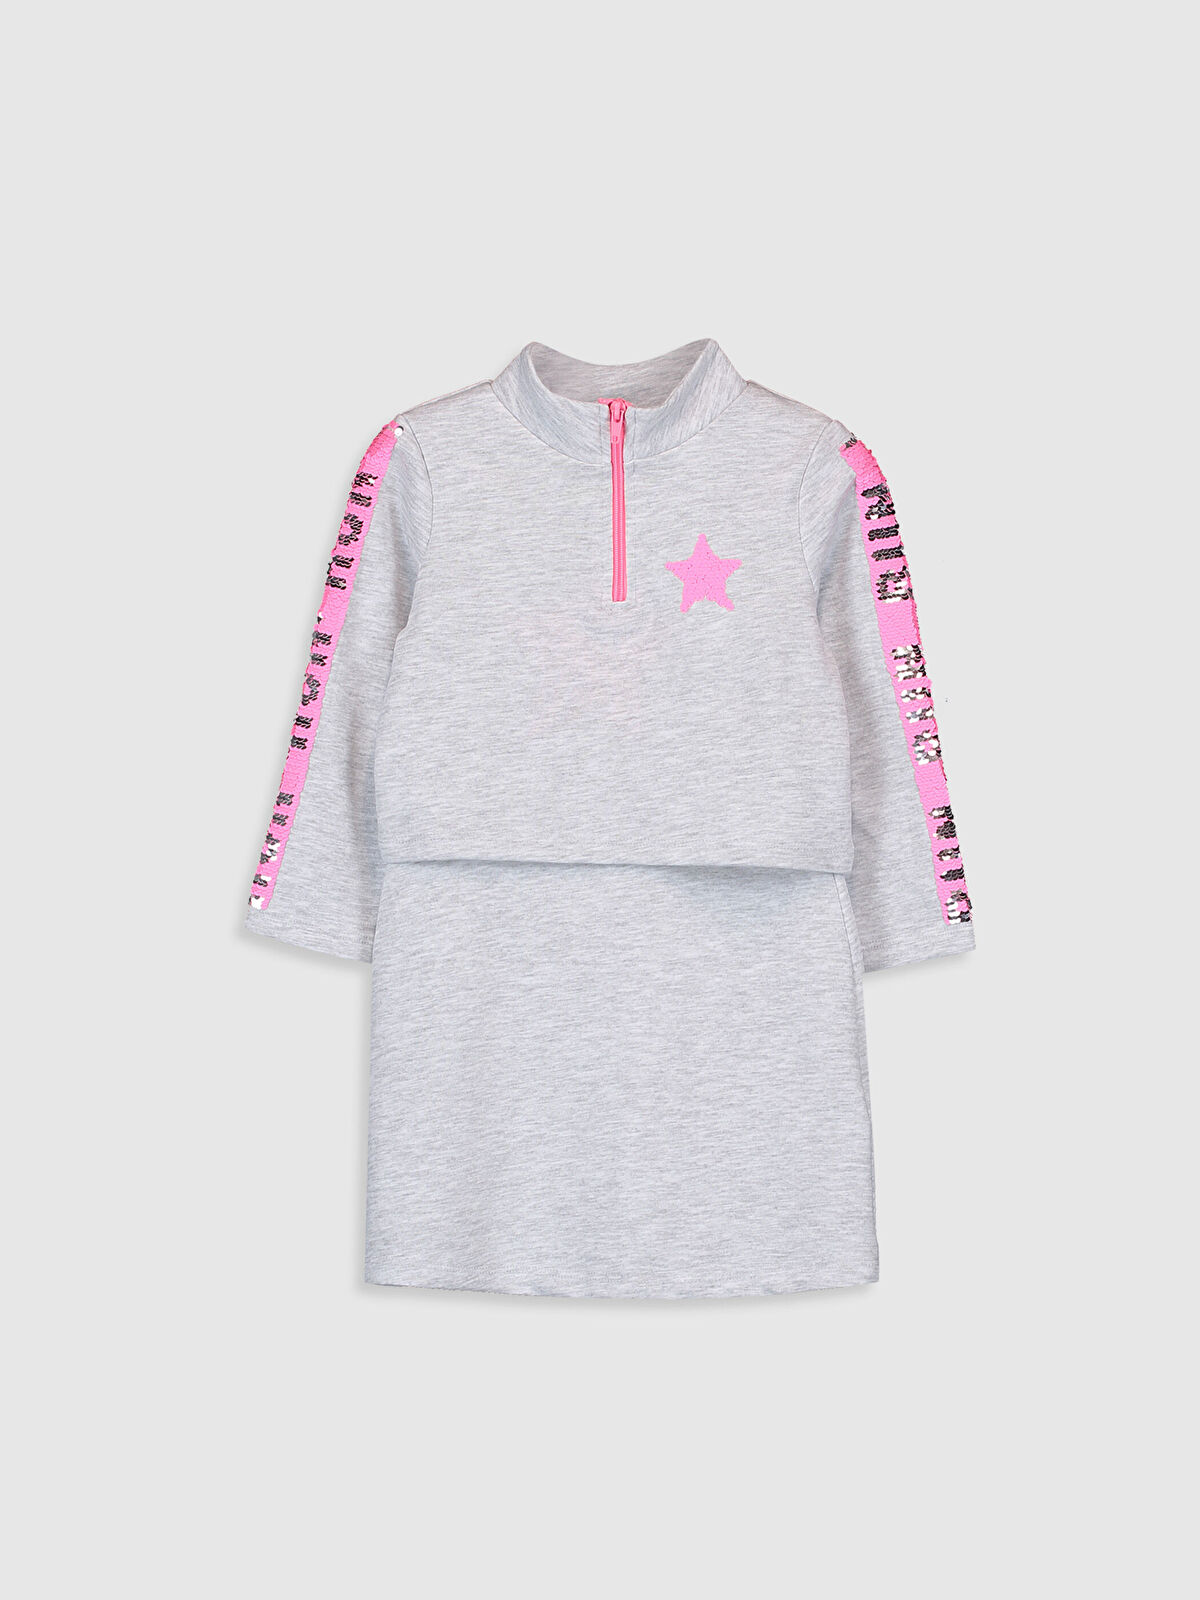 Kız Çocuk Elbise ve Sweatshirt - LC WAIKIKI